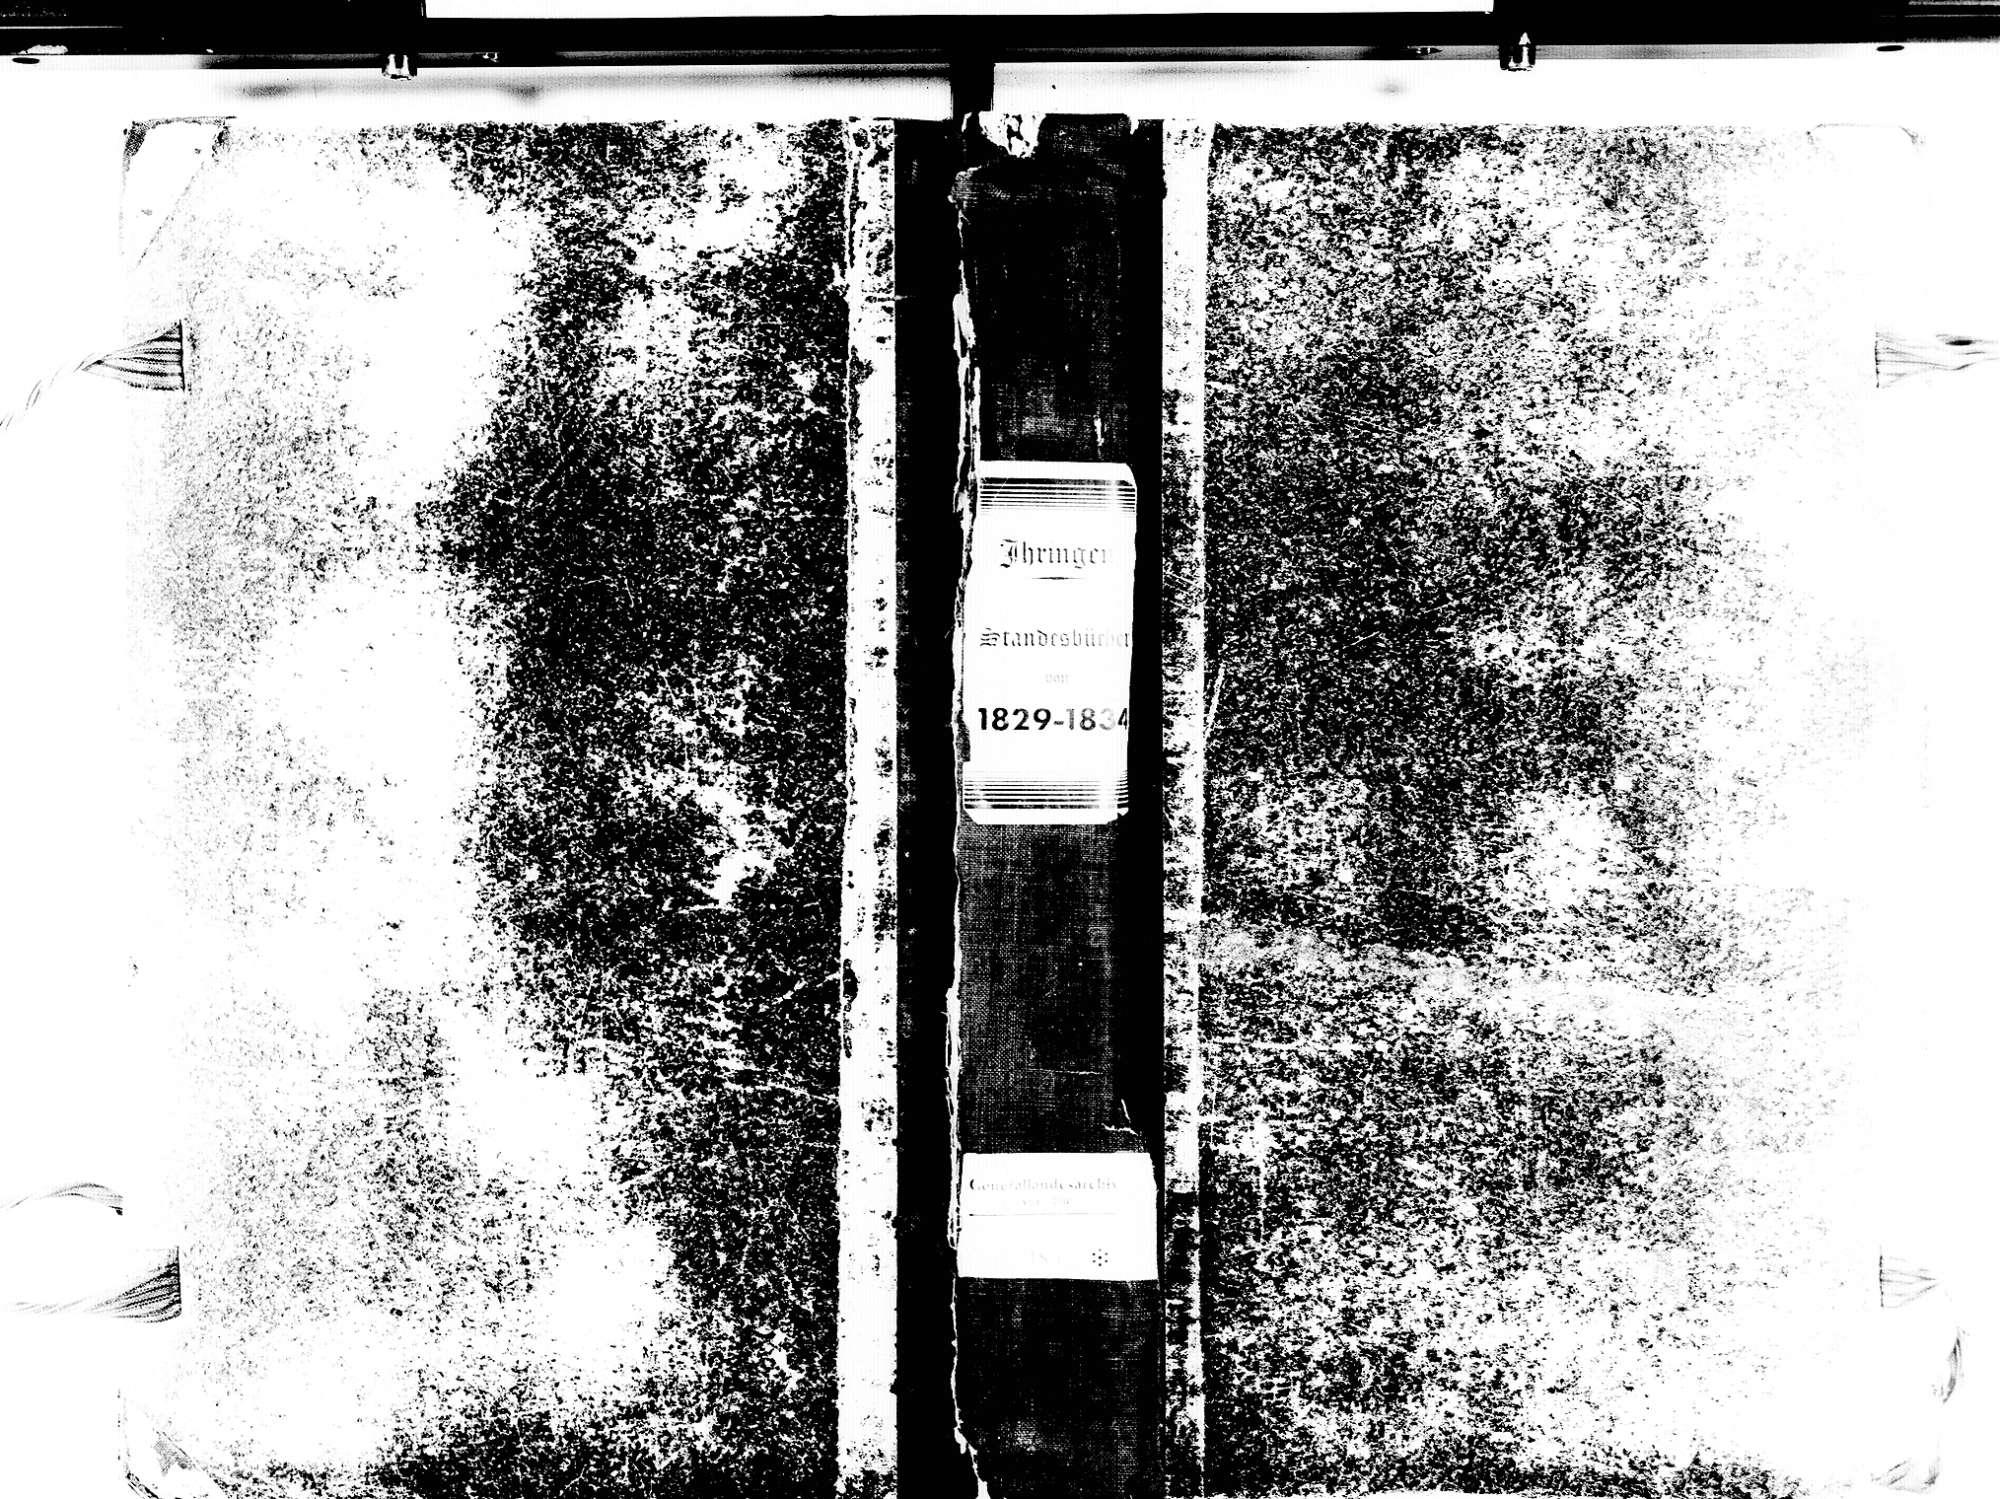 Ihringen FR; Evangelische Gemeinde: Standesbuch 1829-1834 Ihringen FR; Israelitische Gemeinde: Standesbuch 1829-1834, Bild 1